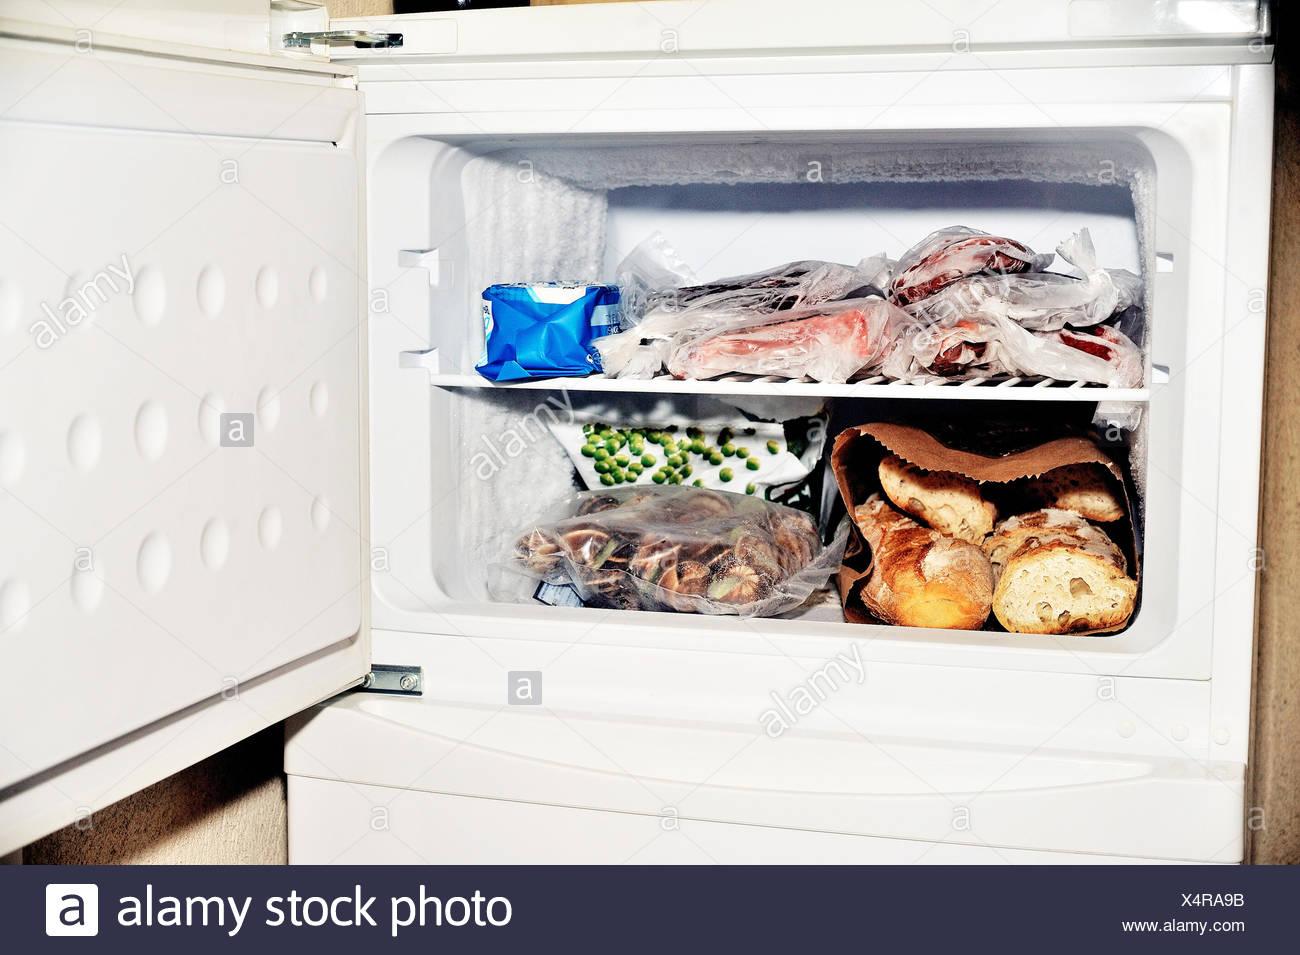 Aeg Kühlschrank Friert Ein : Gefrierfach kühlschrank stockfoto bild alamy